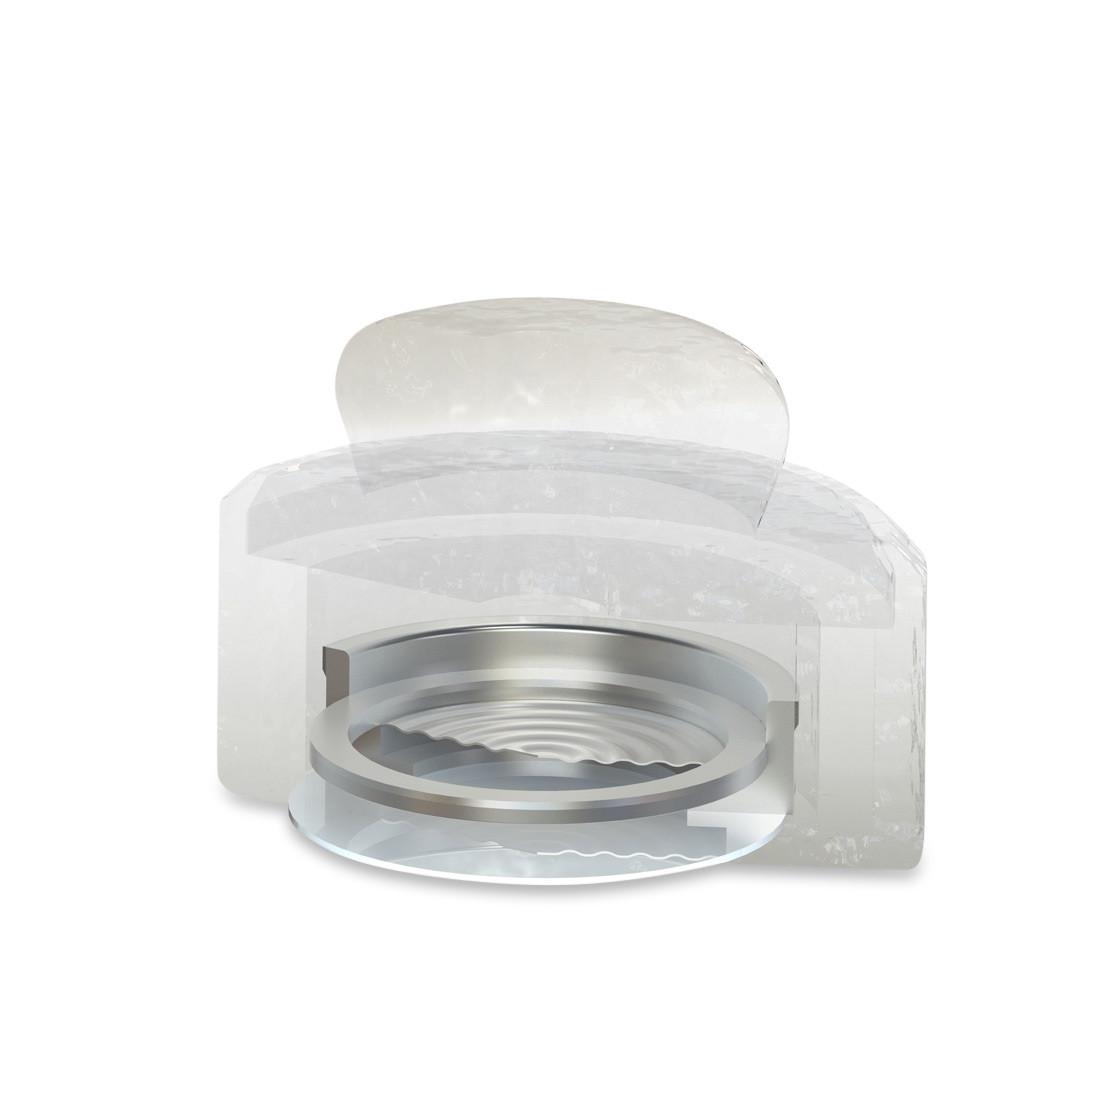 Gehörschutzfilter fidelity b25 - Querschnitt